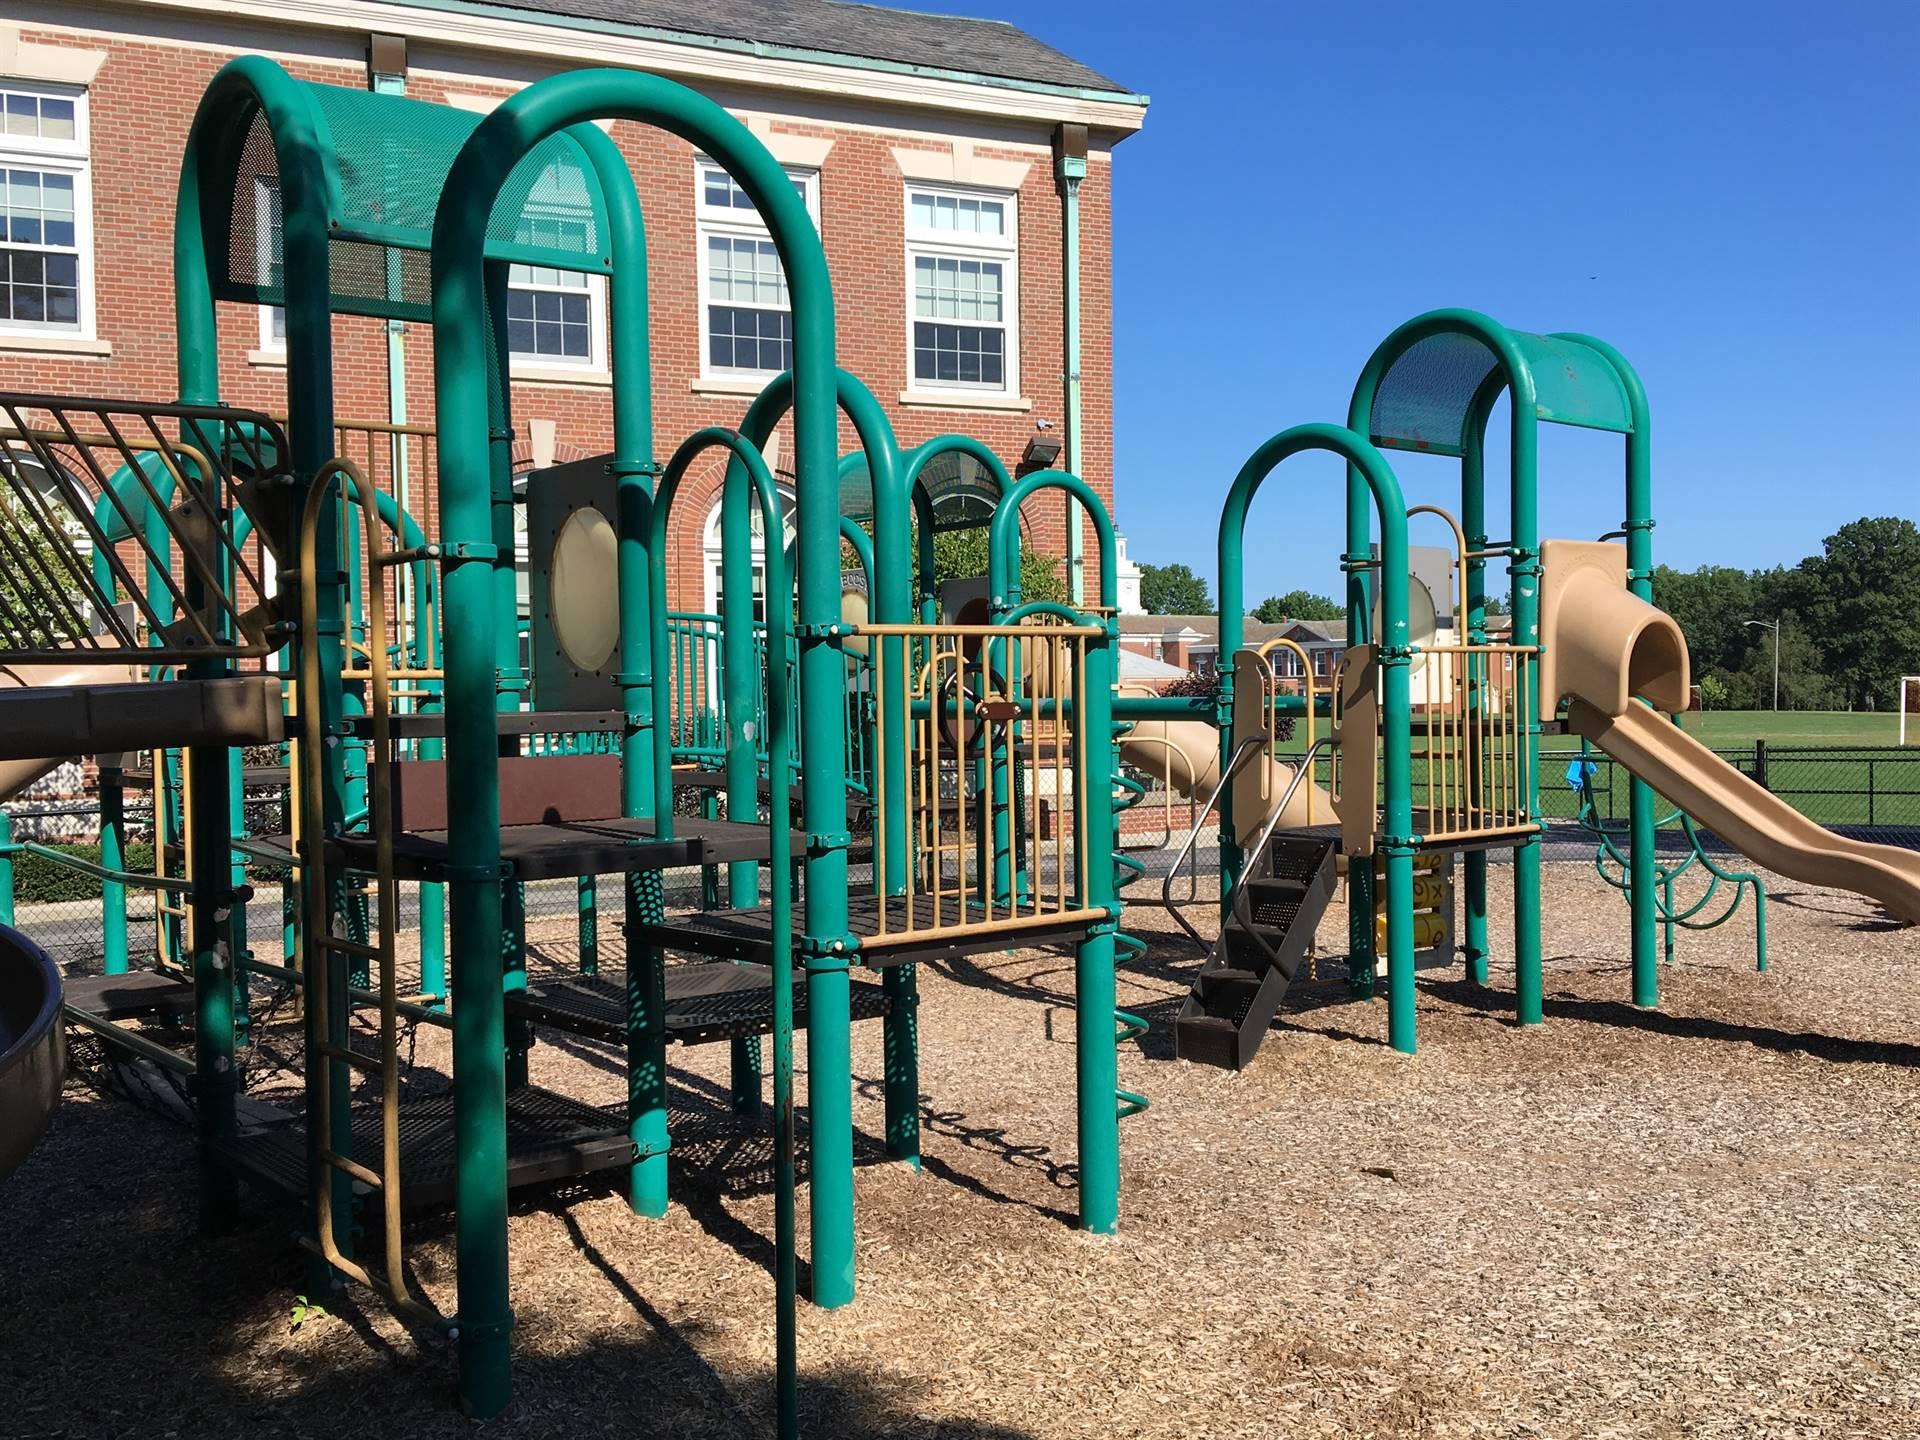 Onaway playground